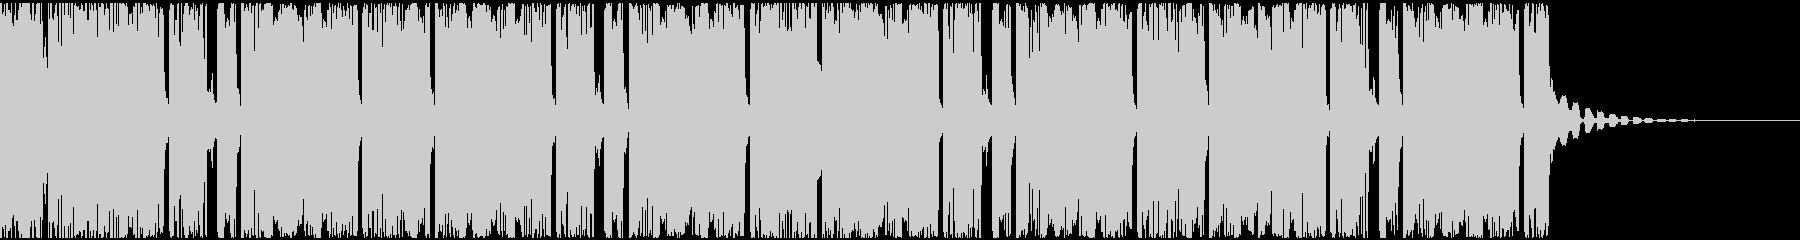 【アンビエント】ロング2、ジングル3の未再生の波形